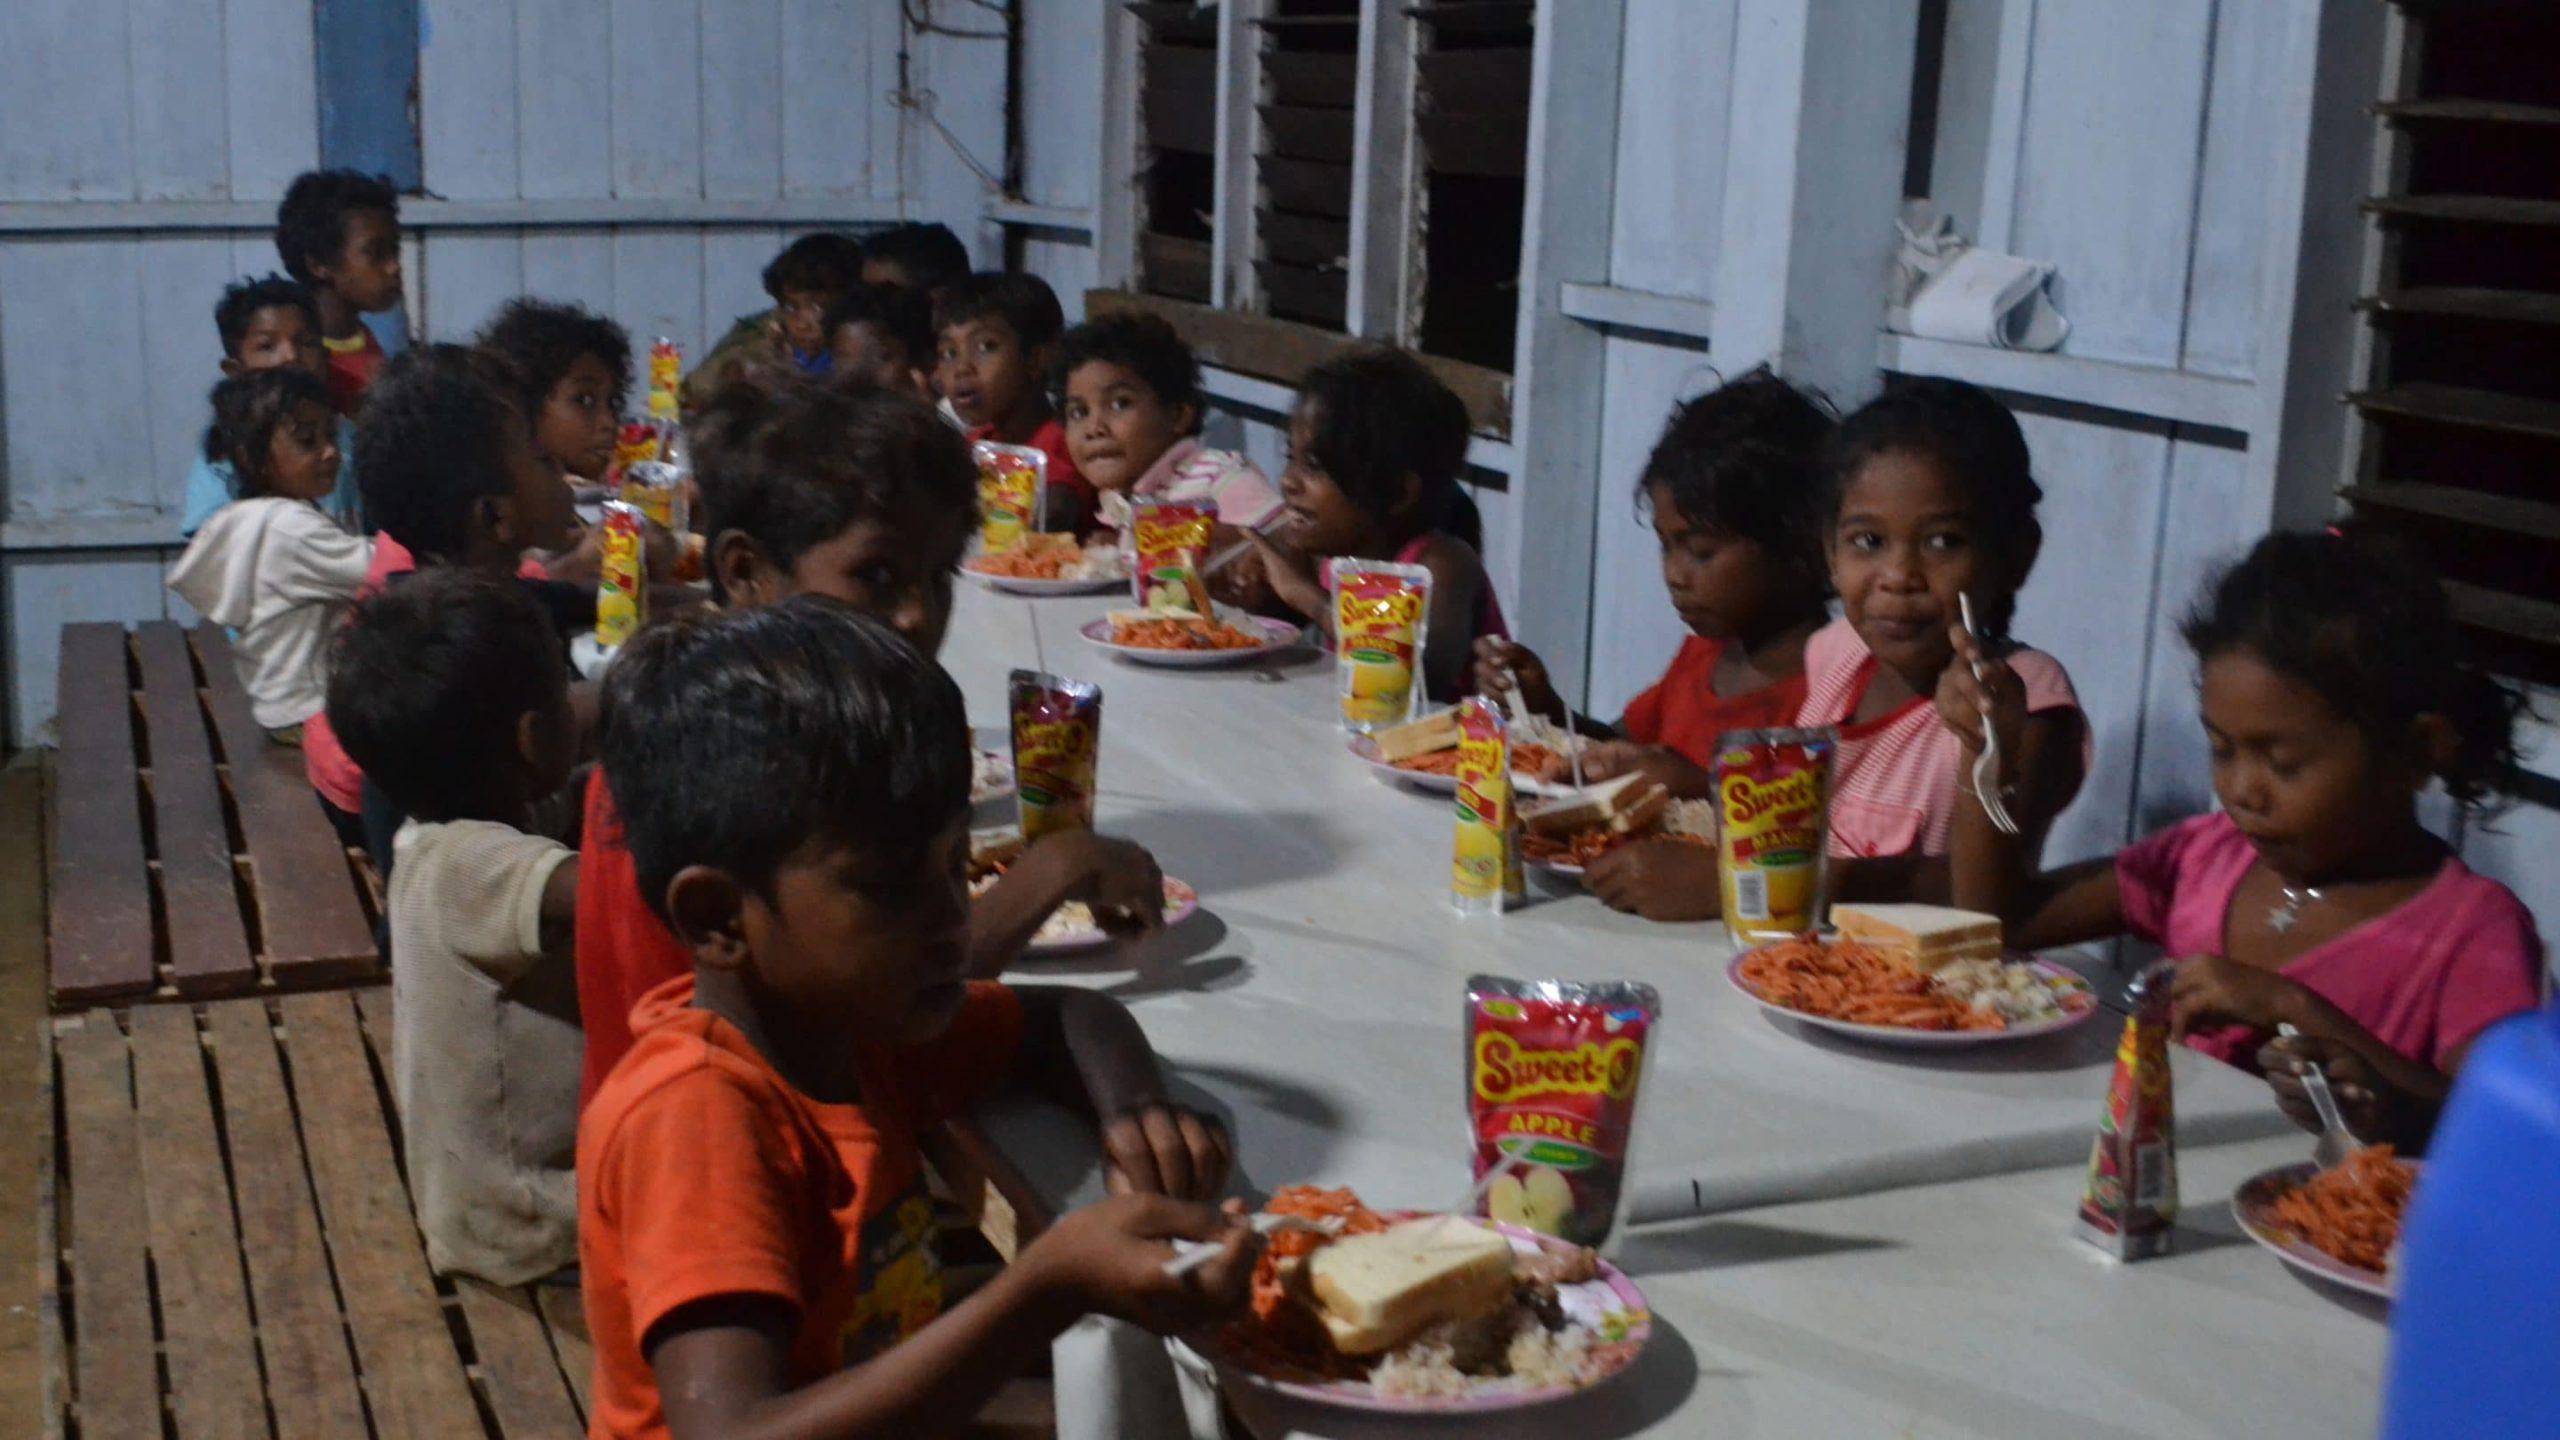 Kids eating Christmas dinner